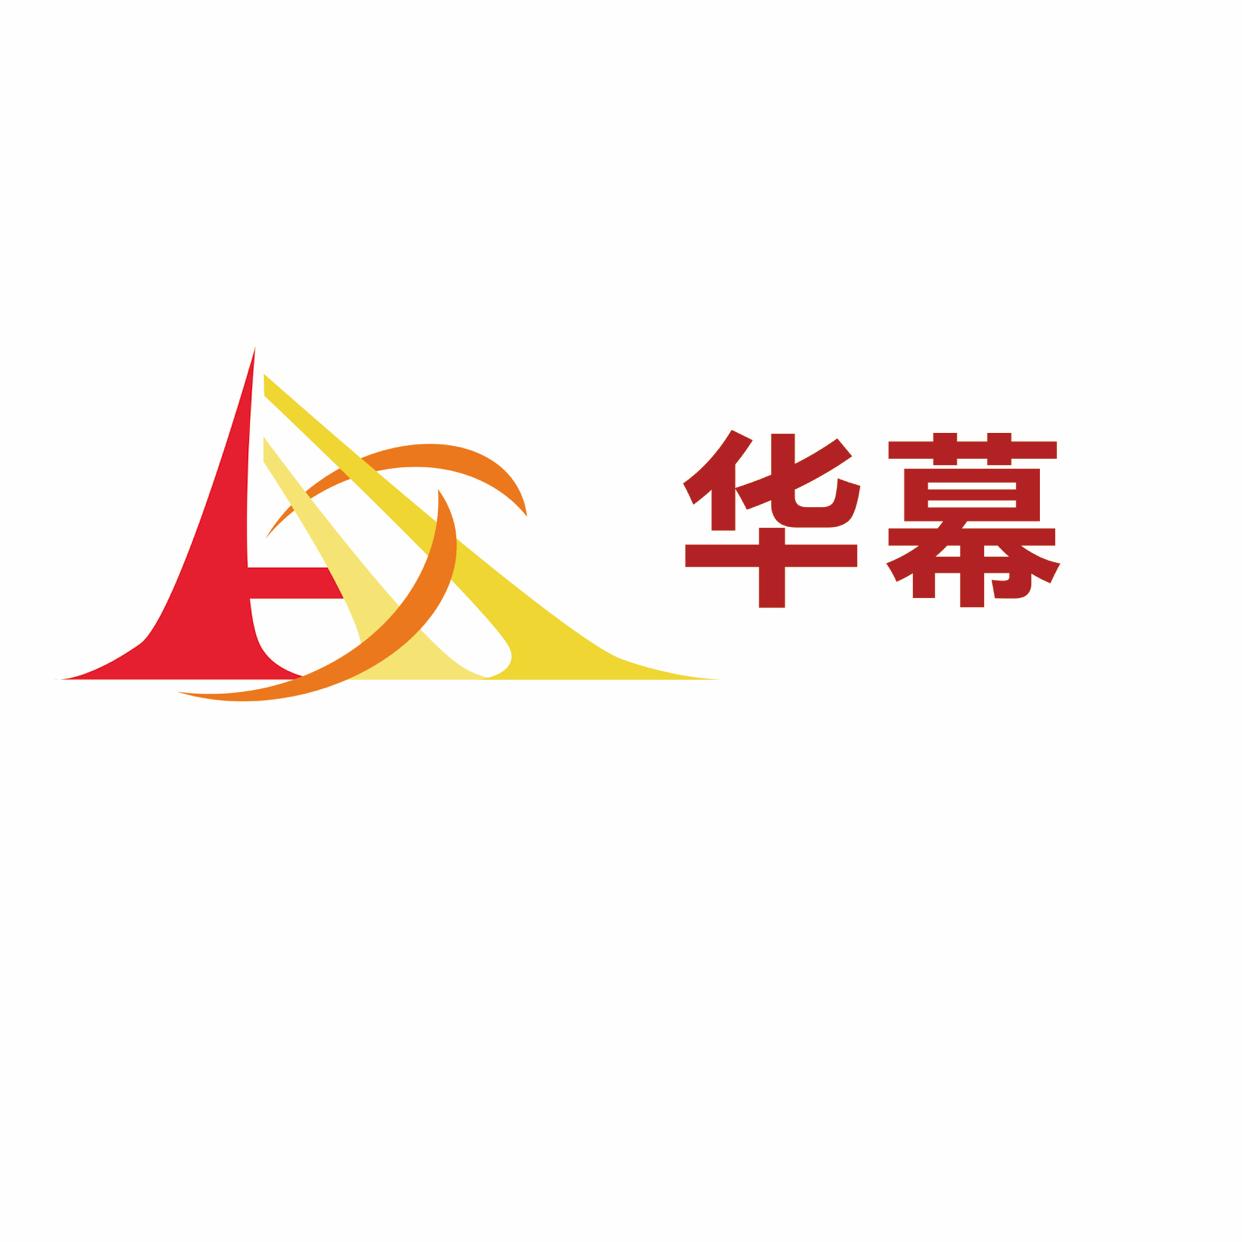 华幕婚庆策划有限公司佛山分店